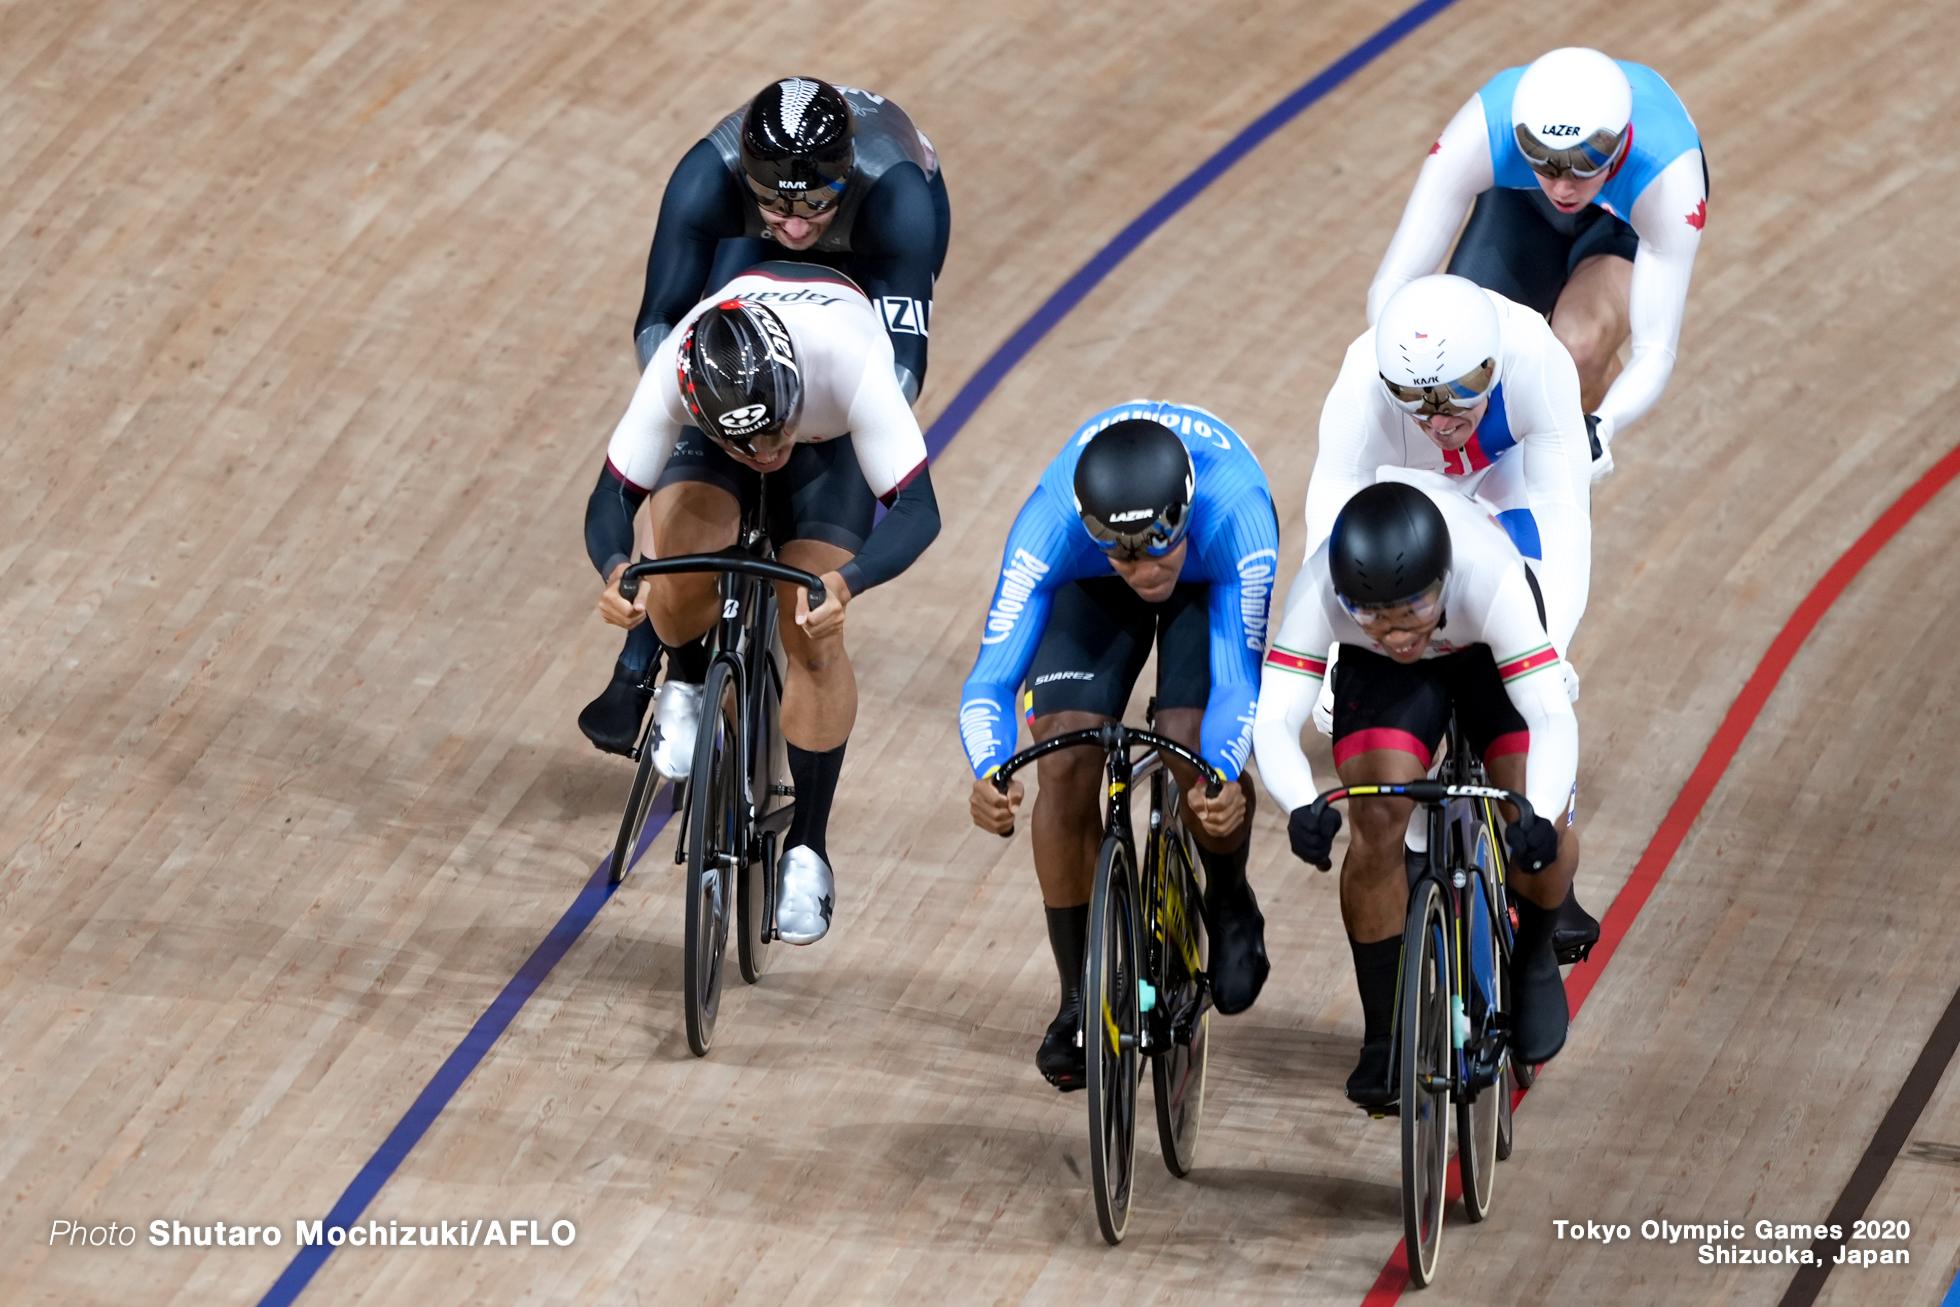 ニック・ワメス Nick Wammes (CAN), ケビン・キンテロ Kevin Santiago Quintero Chavarro (COL), トマシュ・バベク Tomas Babek (CZE), 脇本雄太 Yuta Wakimoto (JPN), カルム・サウンダース Callum Saunders (NZL), ジャイール・ジョンエンファ Jair Tjon En Fa (SUR), Men's Keirin 1st Round AUGUST 7, 2021 - Cycling : during the Tokyo 2020 Olympic Games at the Izu Velodrome in Shizuoka, Japan. (Photo by Shutaro Mochizuki/AFLO)